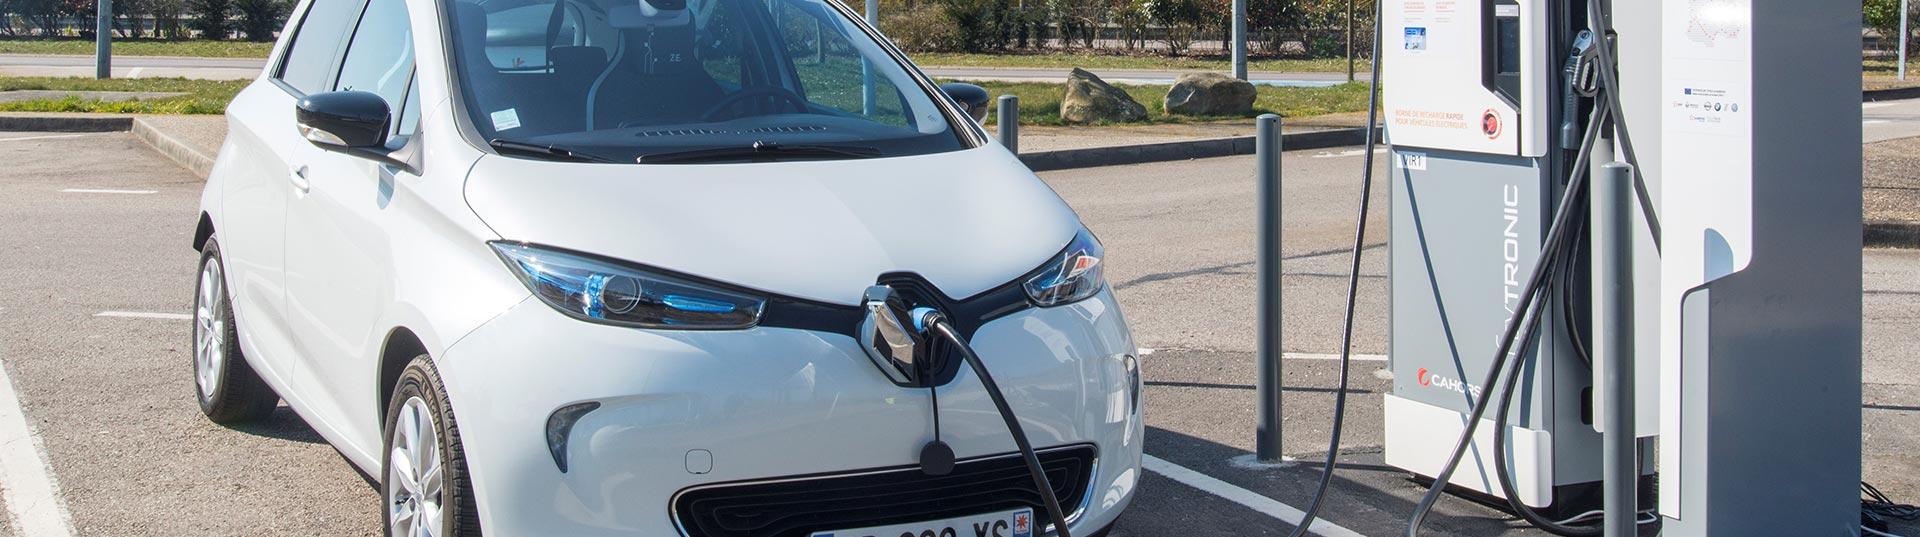 Alemanha quer acaba com motores de combustão